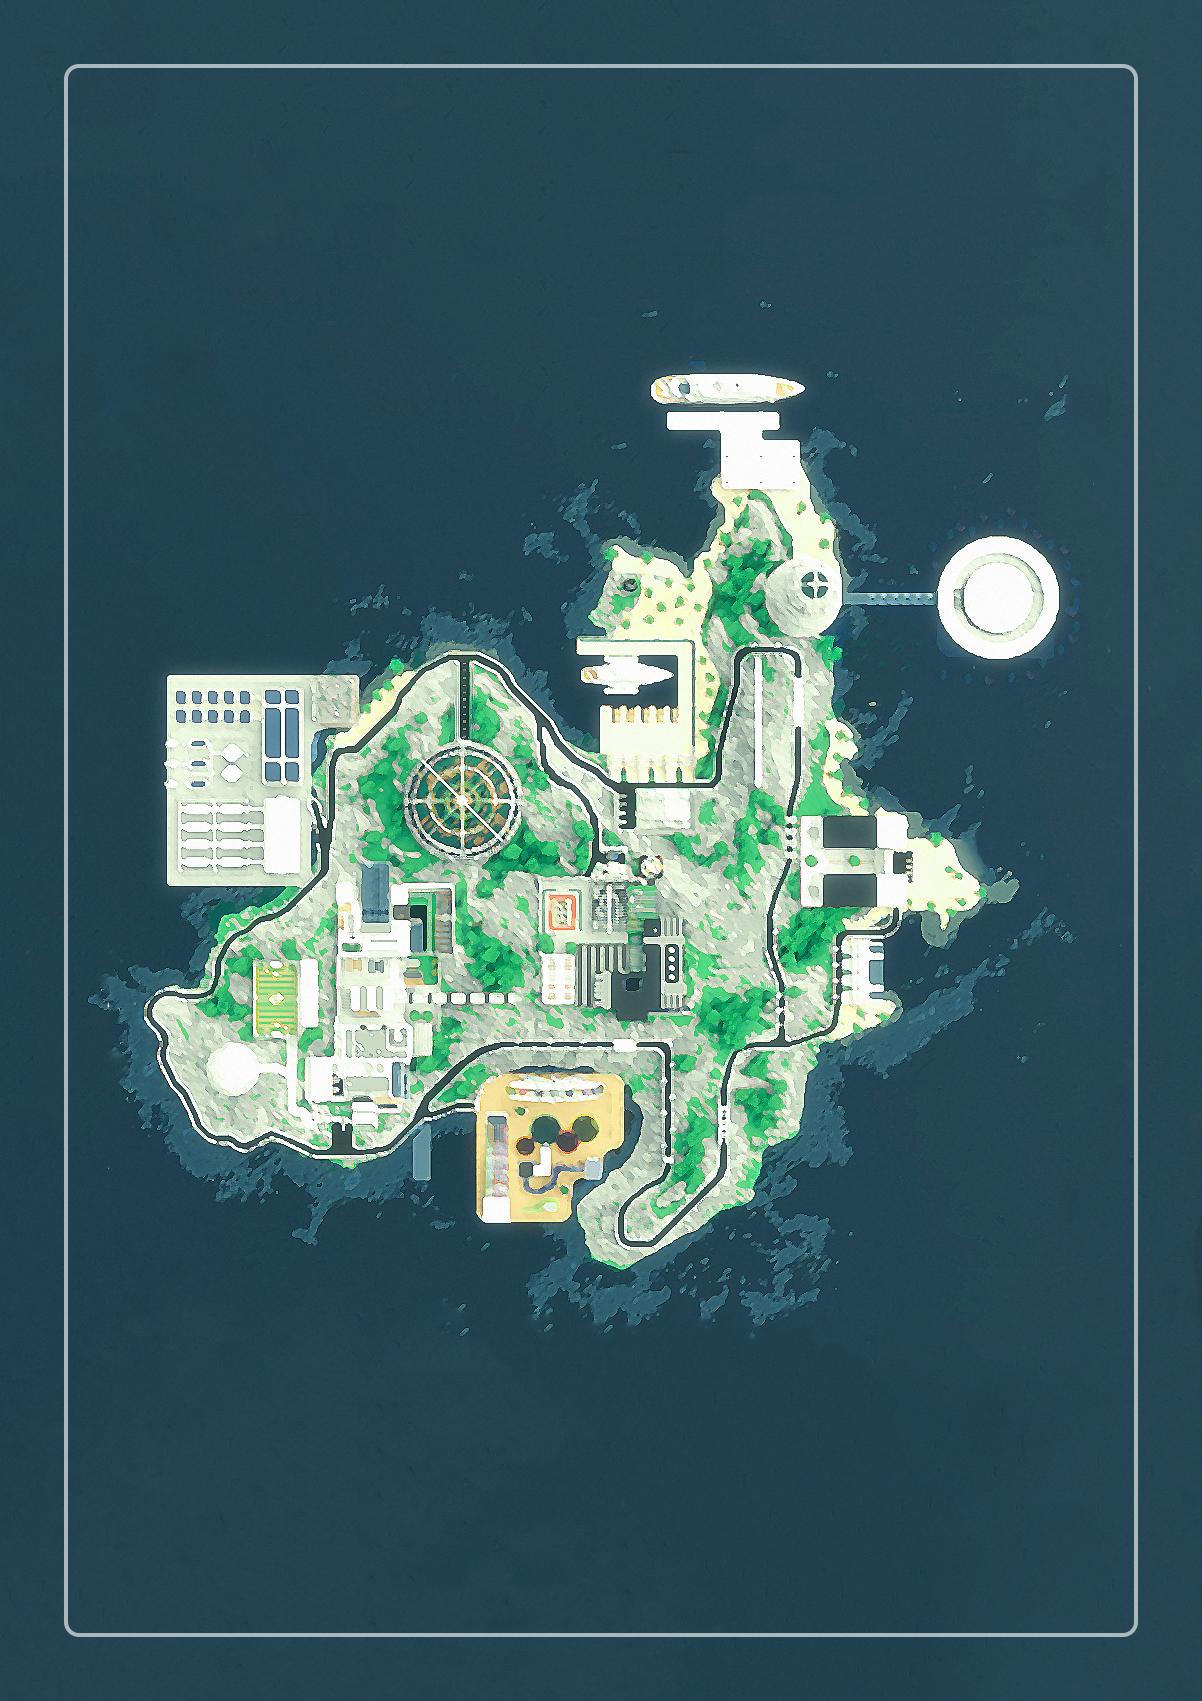 【我的别墅现代建筑群】海岛v别墅别墅--源梦岛好花草什么庭院种世界图片